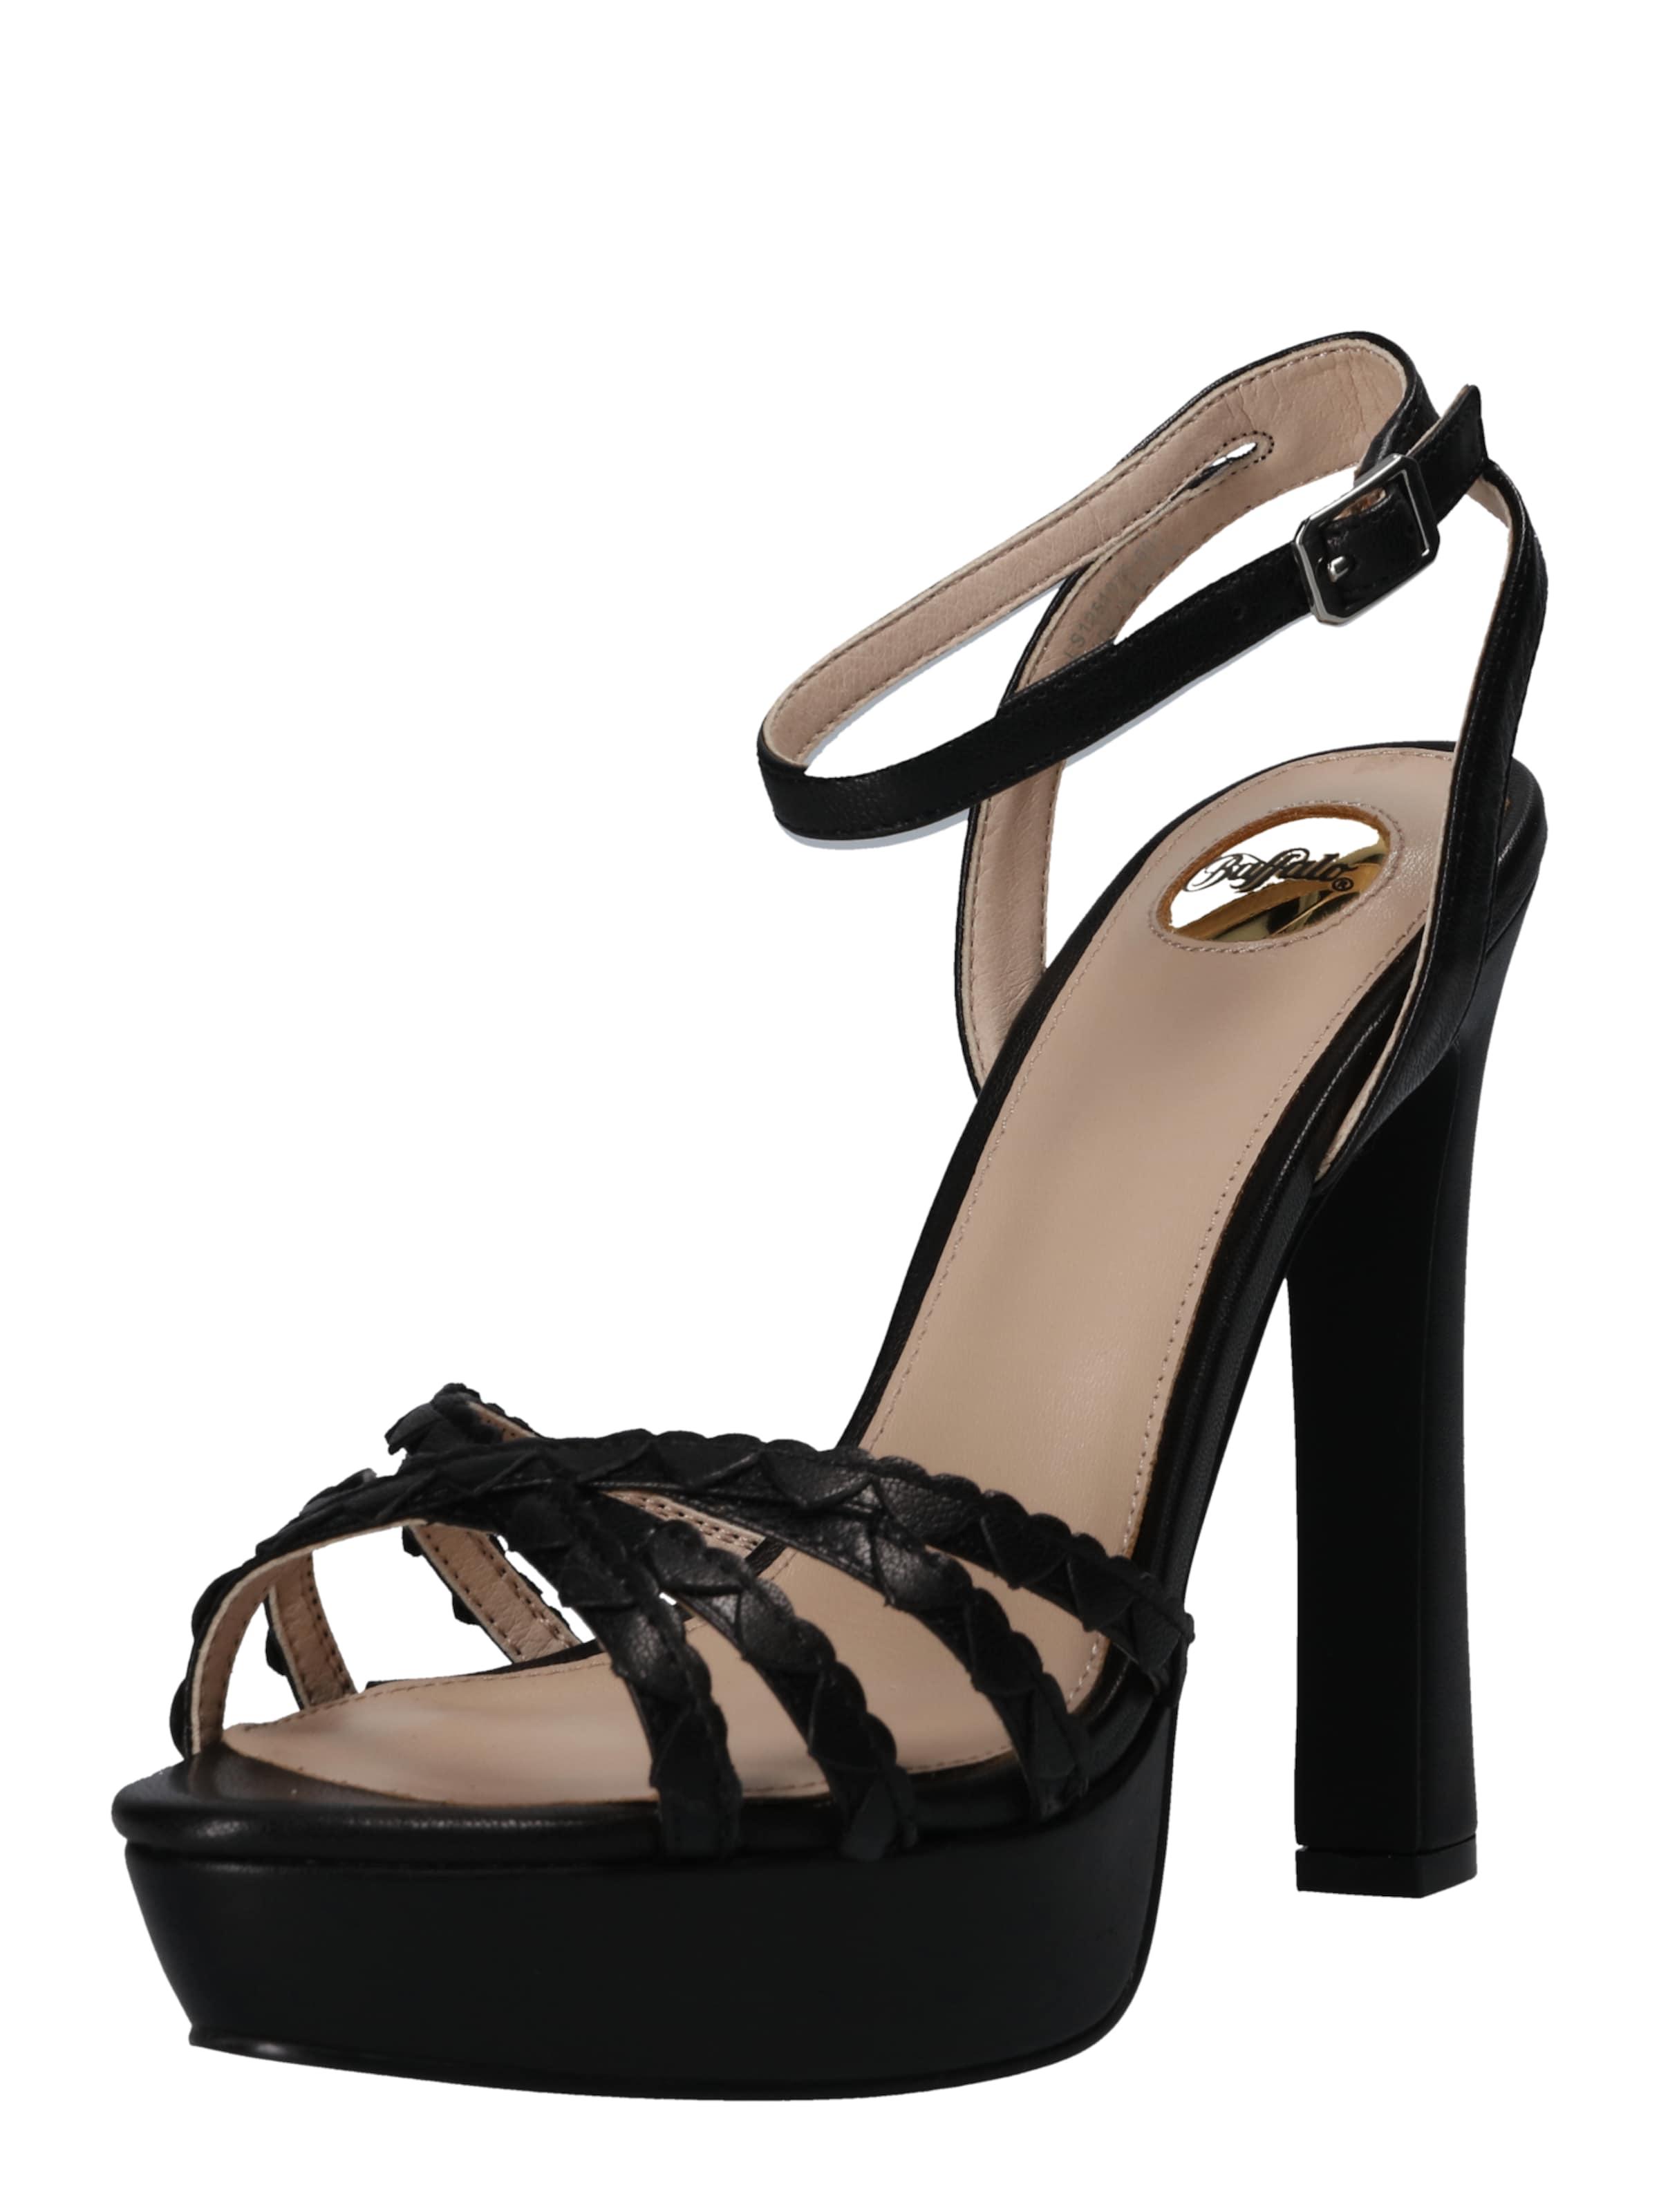 BUFFALO | | | High Heels  MARZIPAN d9f457